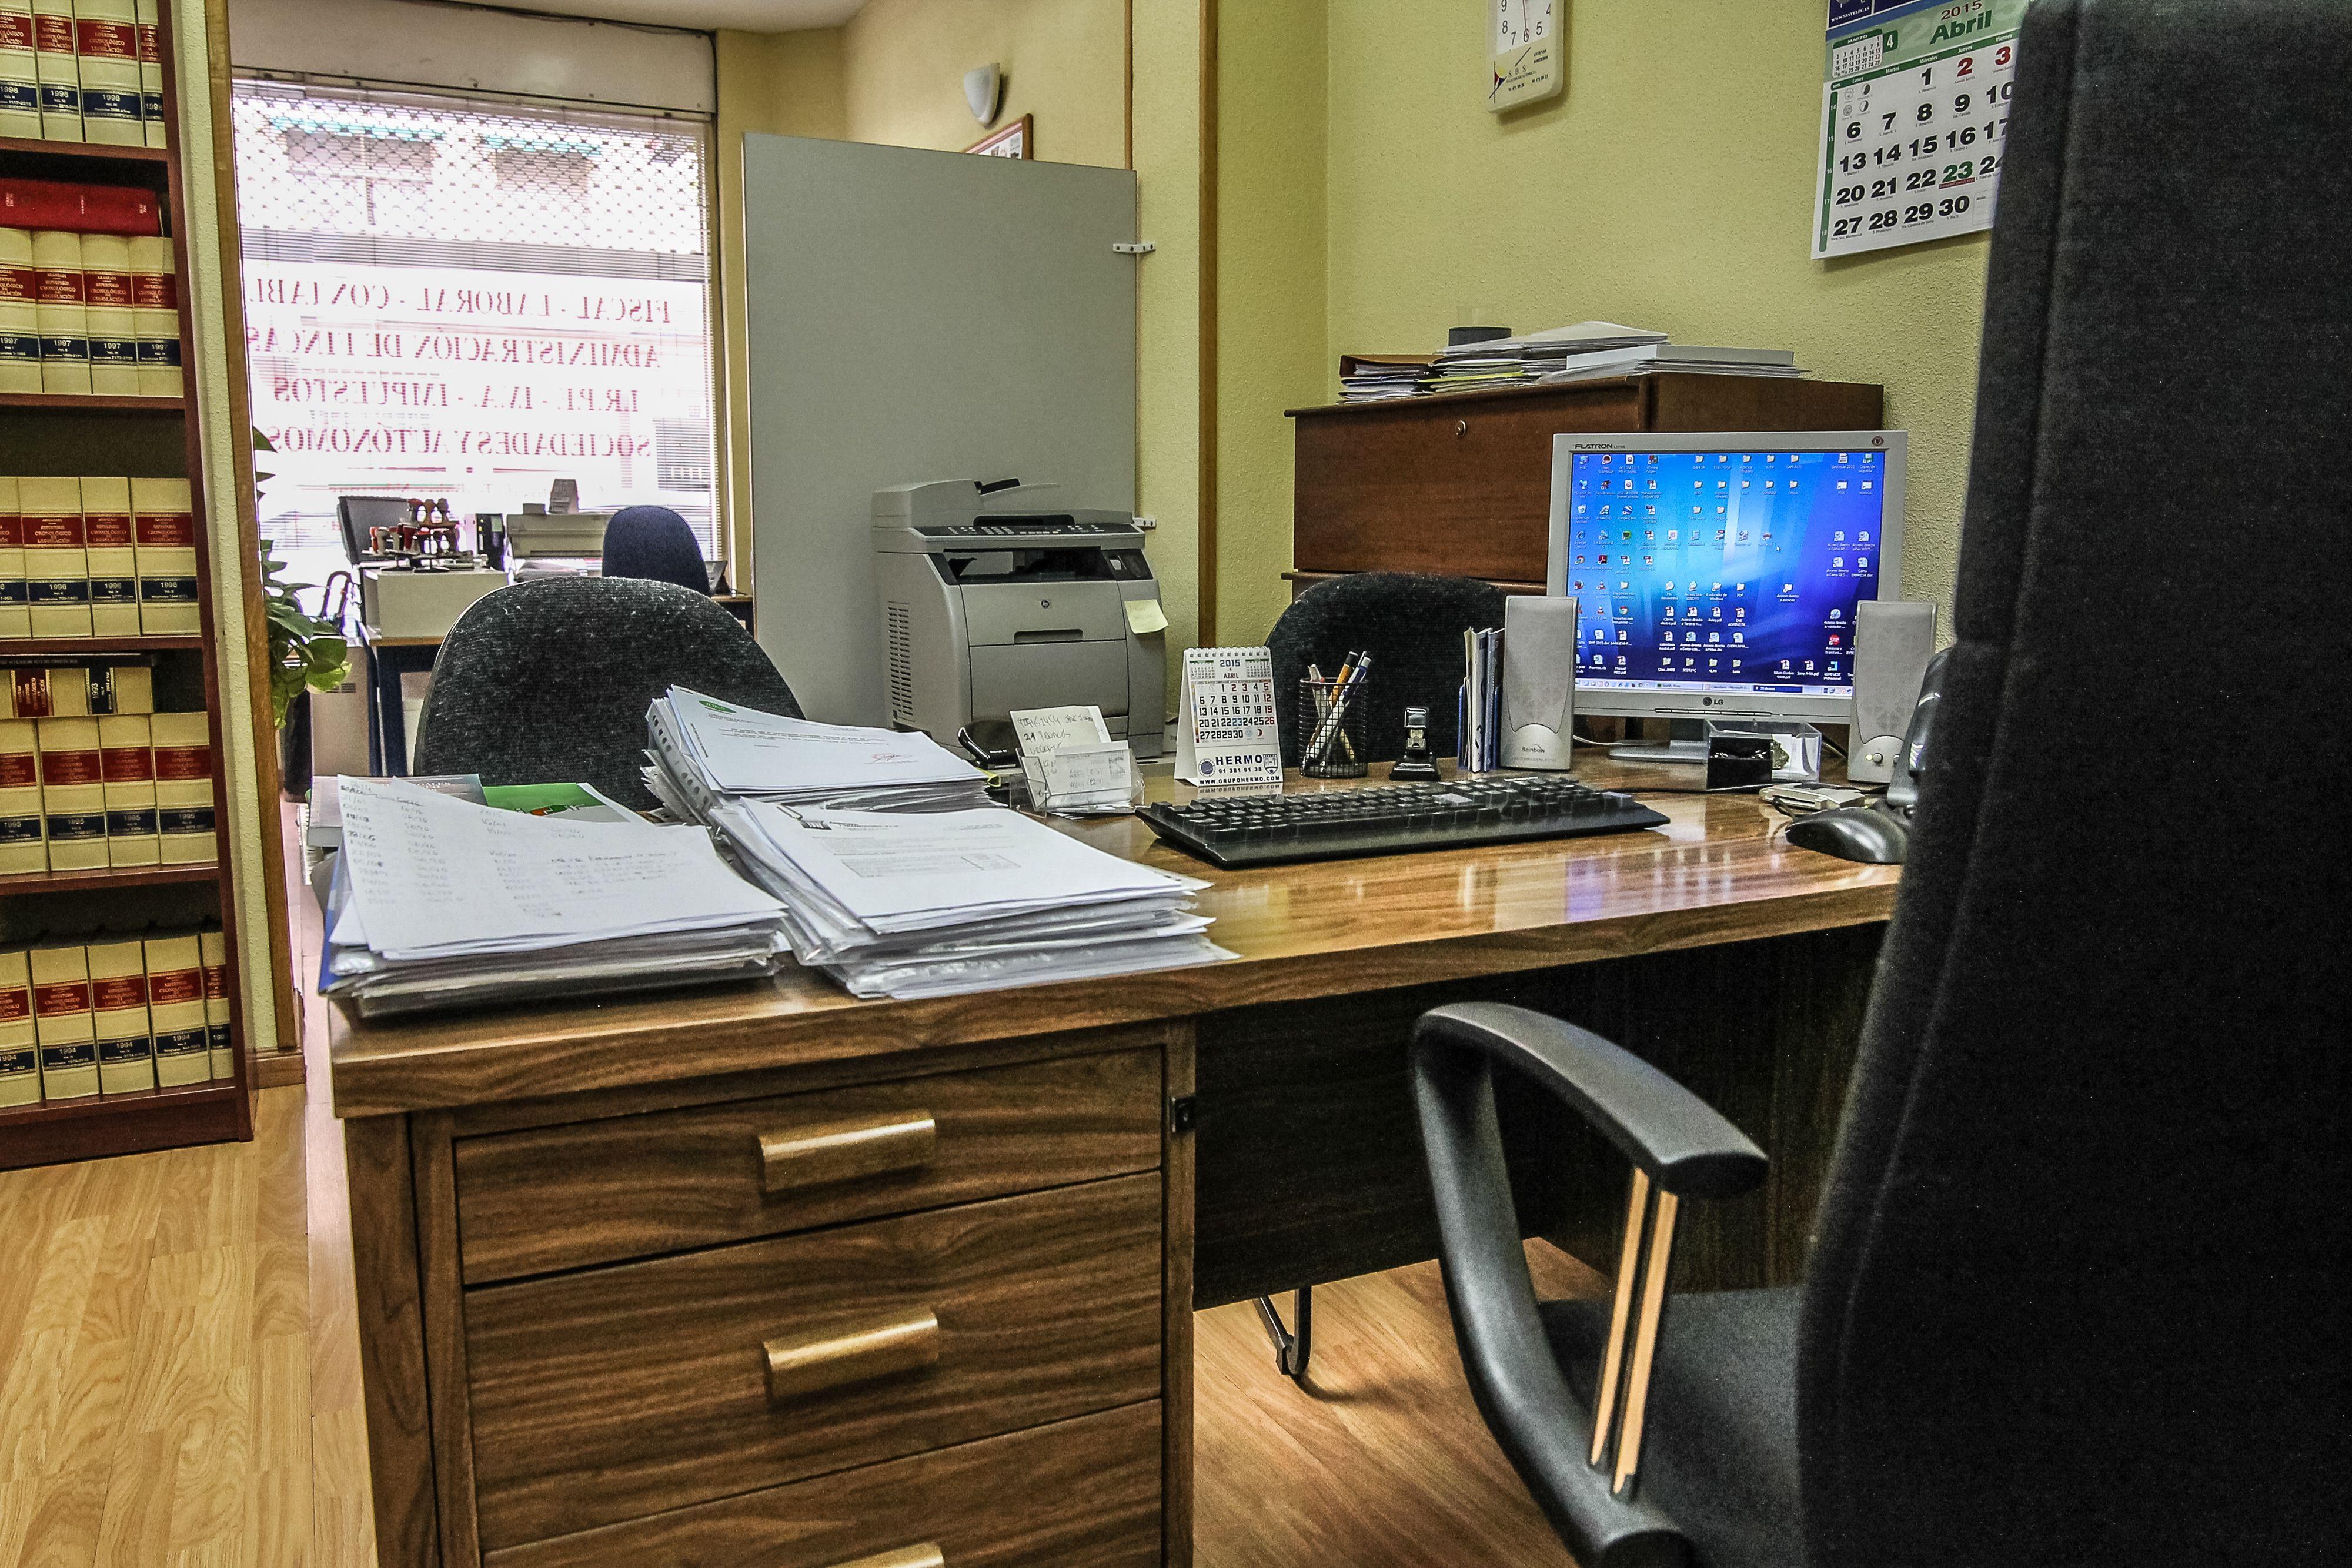 Foto 9 de Gestorías administrativas en Madrid | Asesoría y Tramitación, S.L.P.